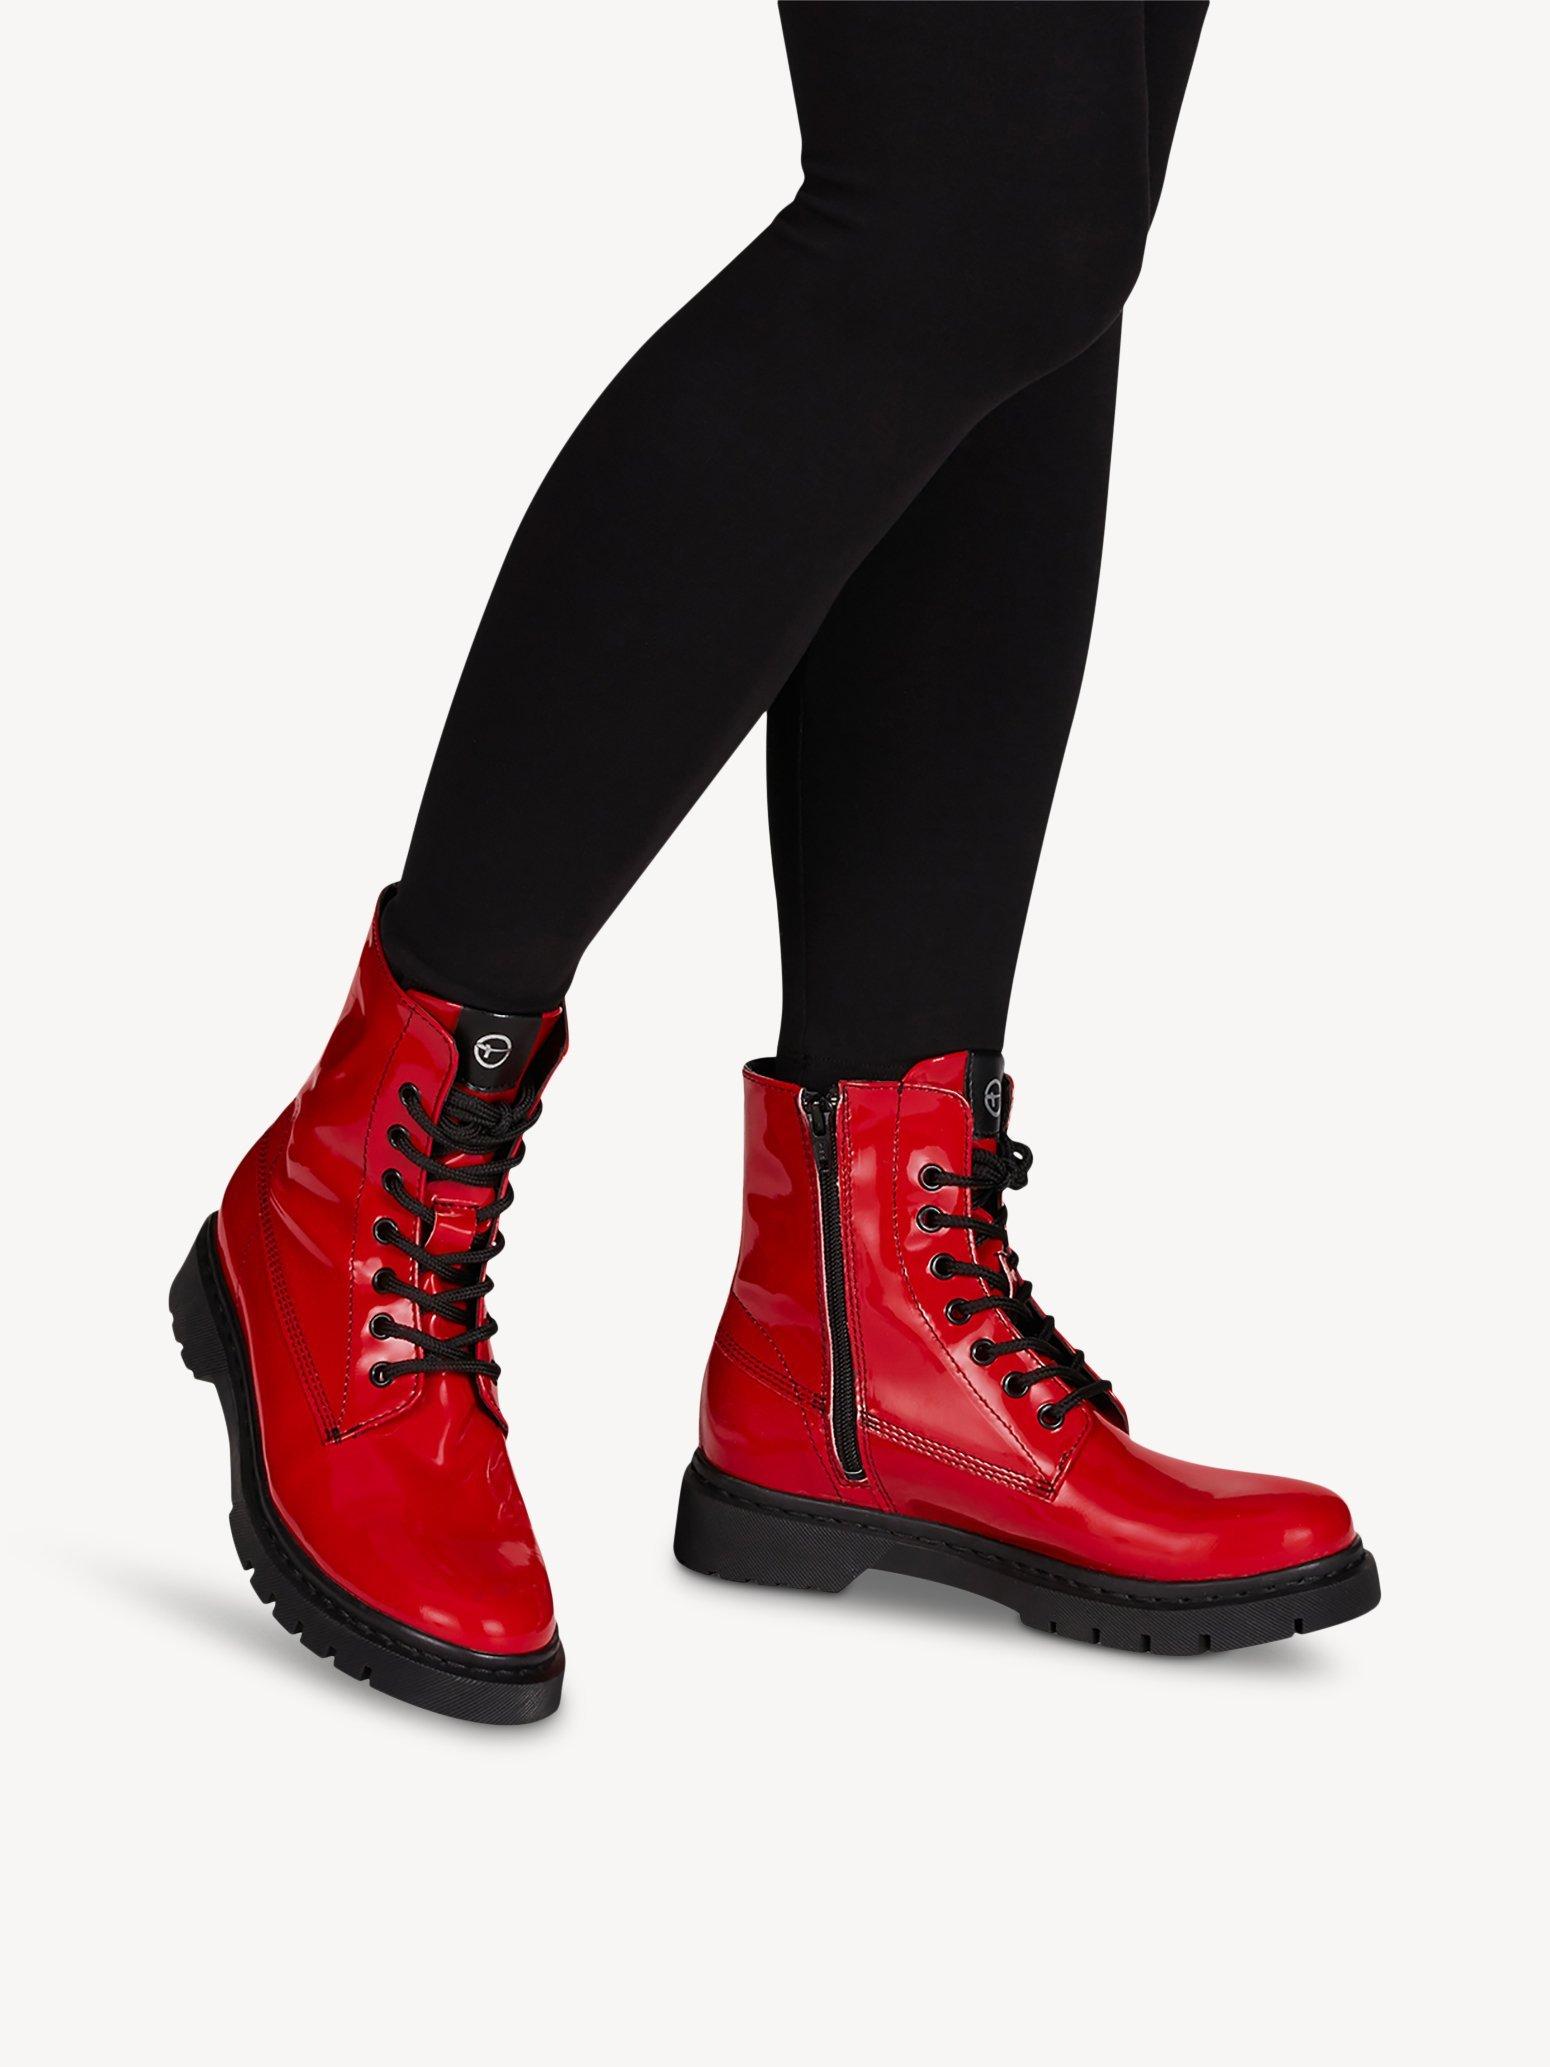 Ботинки Tamaris 1-1-25833-25-519 фотография